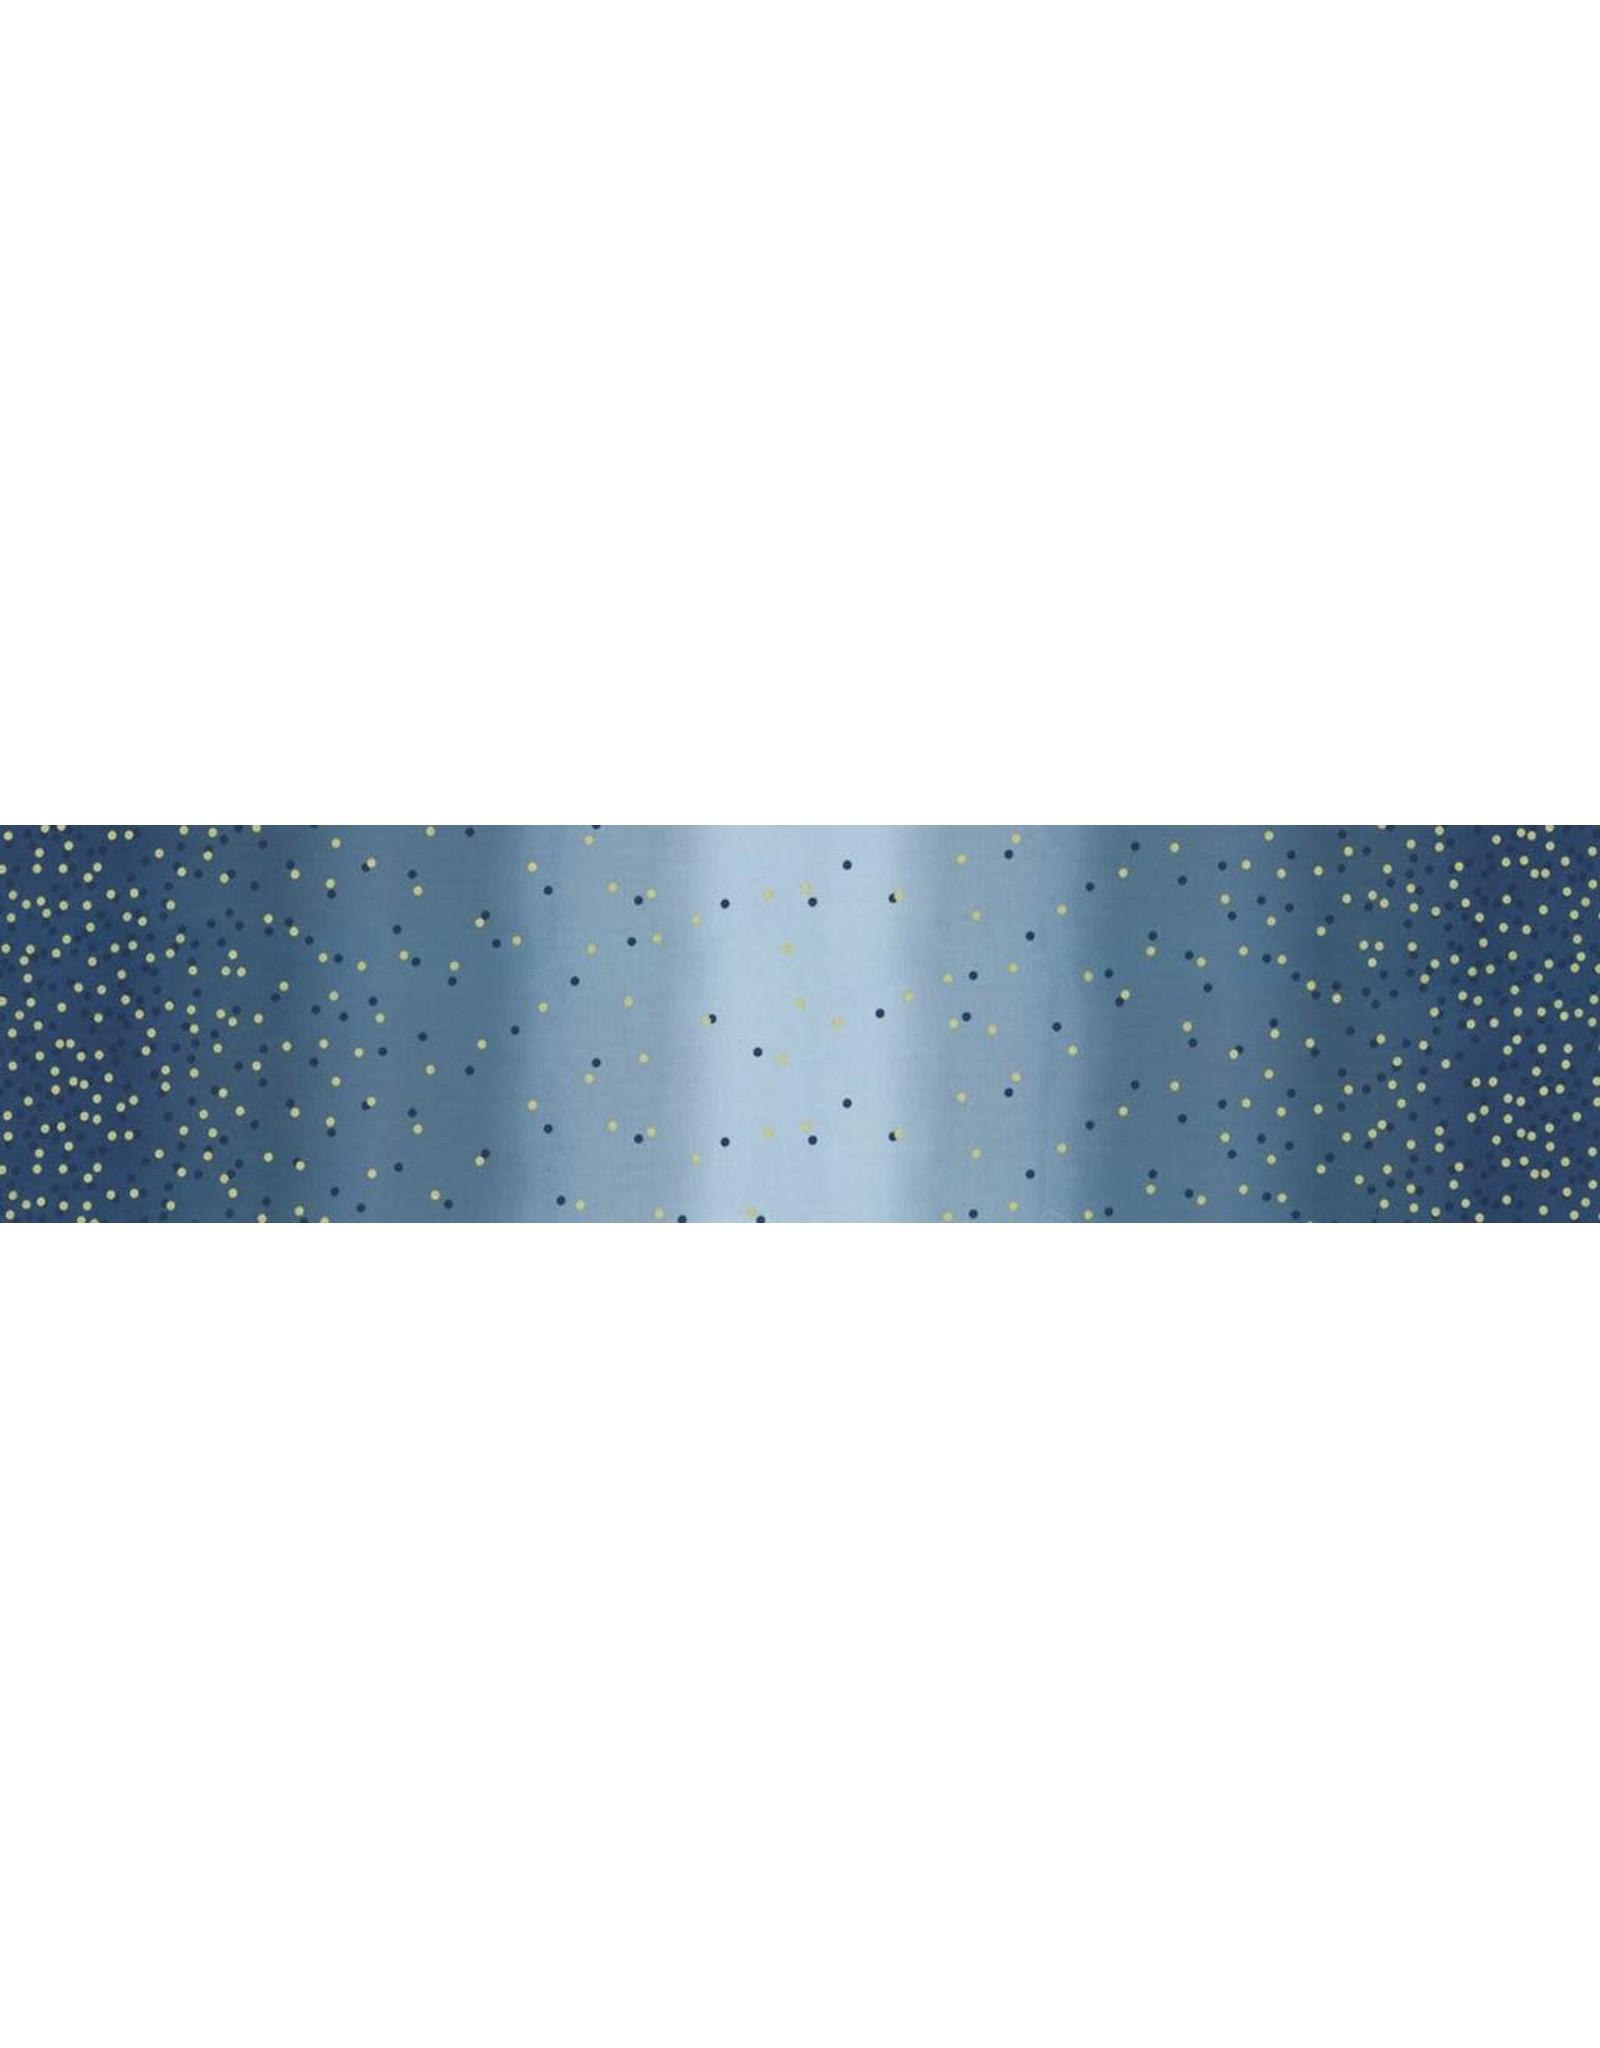 V & Co. Ombre Confetti New in Nantucket, Fabric Half-Yards 10807 321M